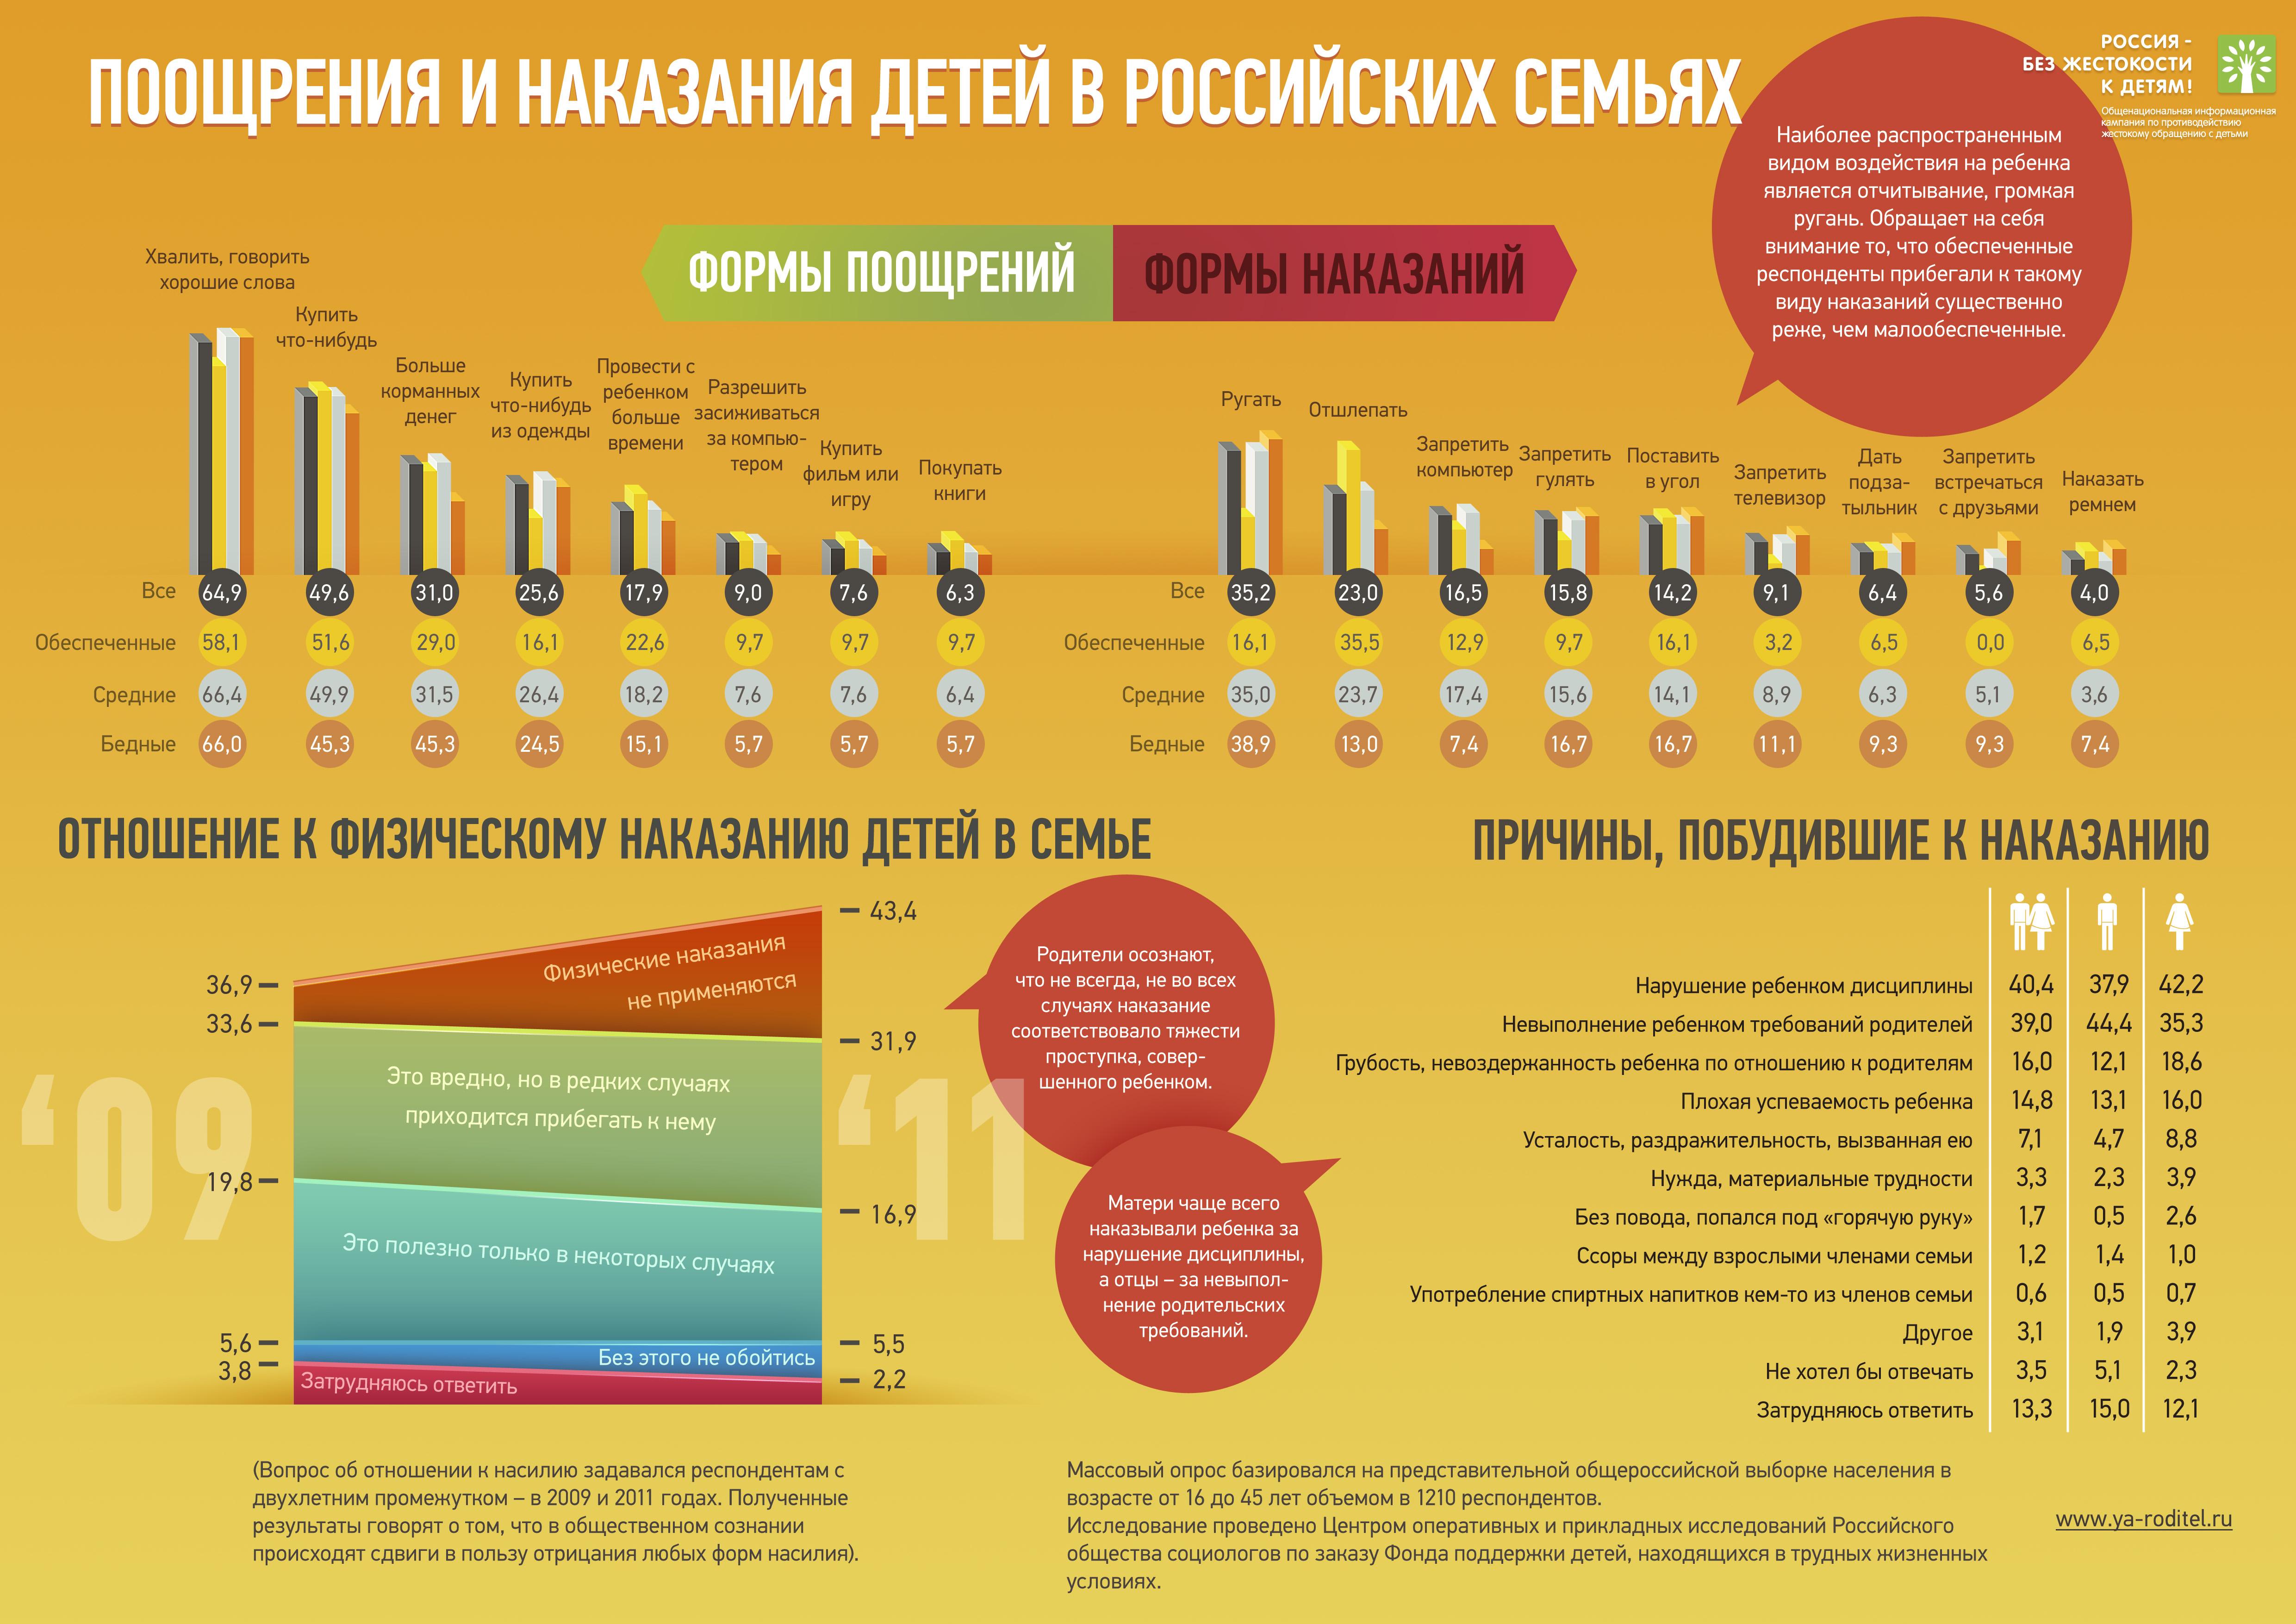 Поощрения и наказания детей в российских семьях. Инфографика.